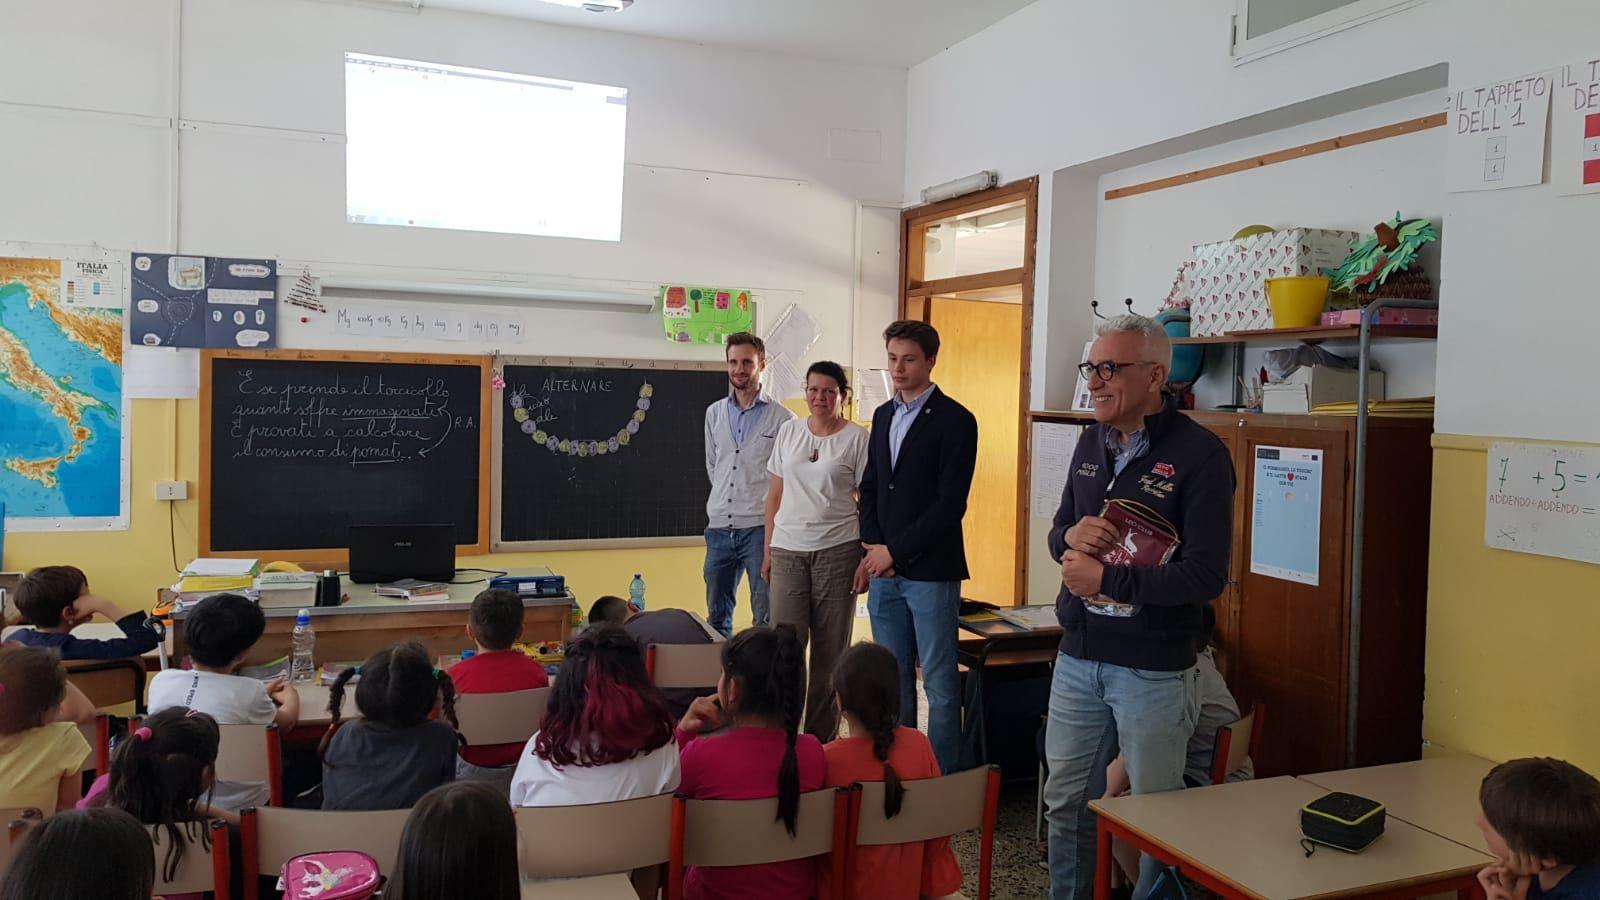 CASTELLAMONTE - Una bella donazione alla scuola dal Leo Club